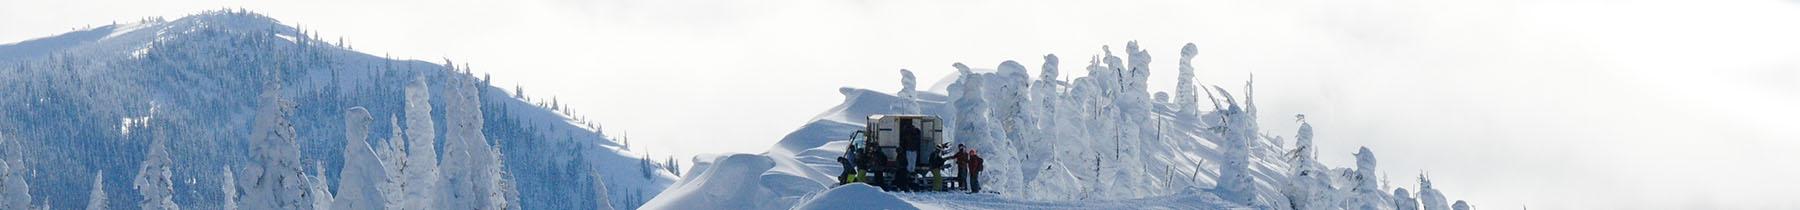 Powder Cat Skiing in Fernie BC at Fernie Wilderness Adventures